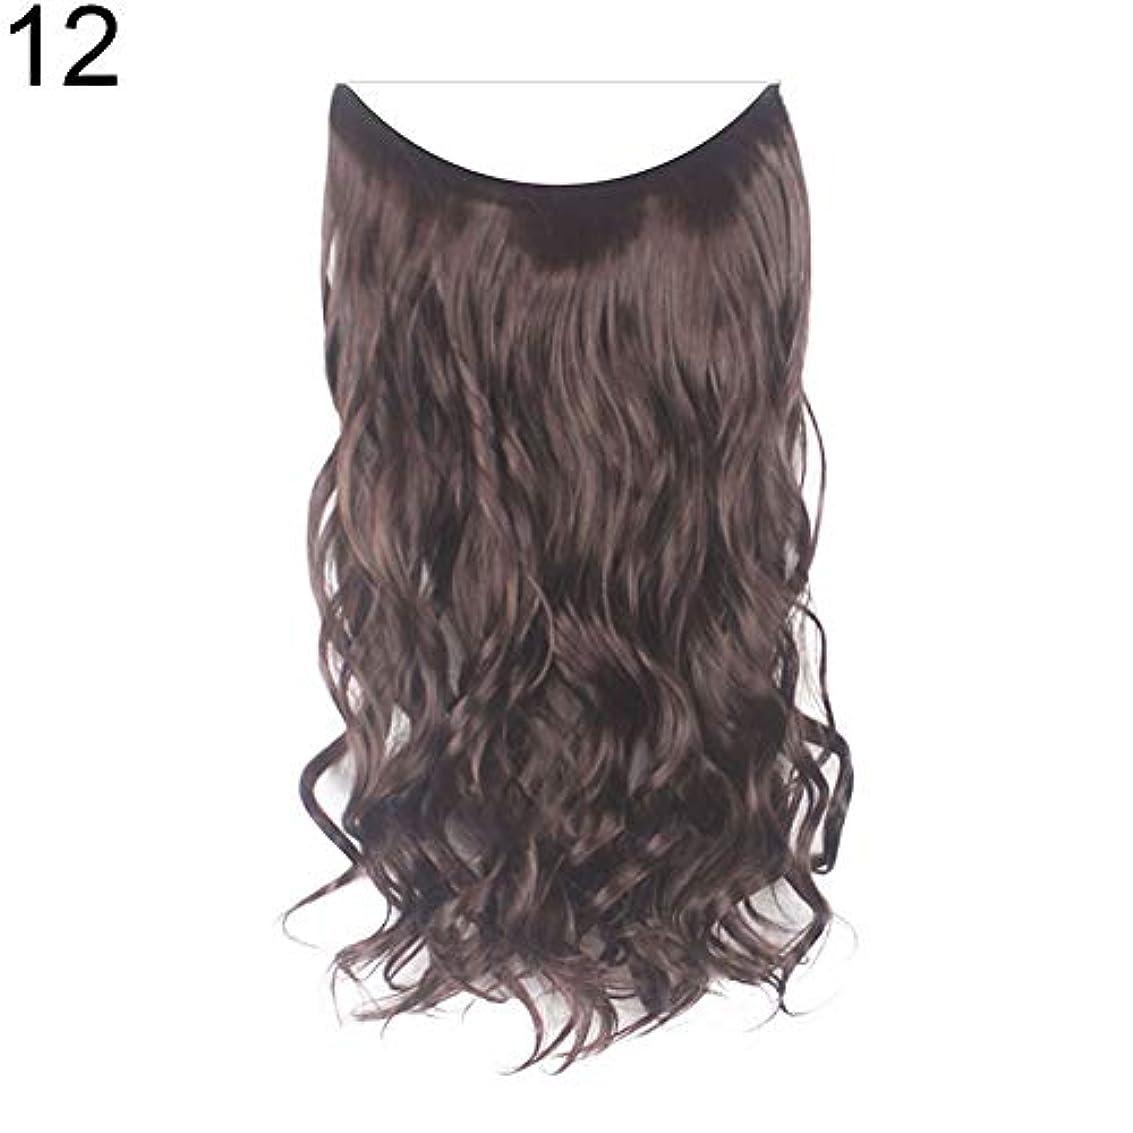 良性ディスクランダムslQinjiansav女性ウィッグ収納コンテナ22インチ女性ロングストレート/カーリーワイヤーヘッドバンドウィッグ目に見えない髪の延長